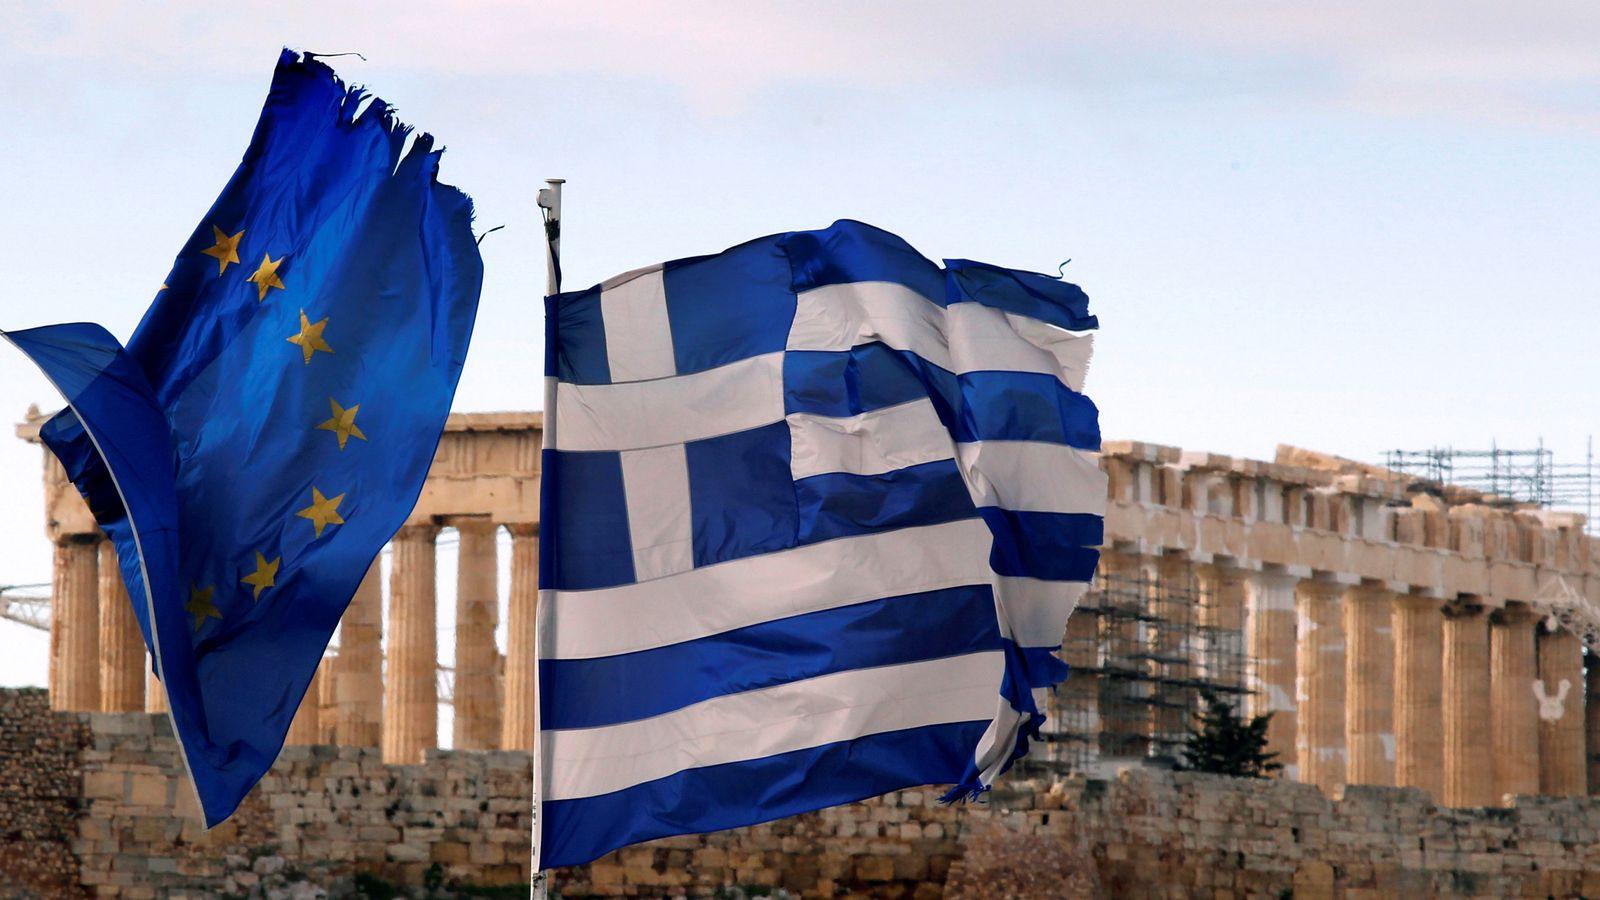 Greece seeks early repayment of €10bn IMF loan